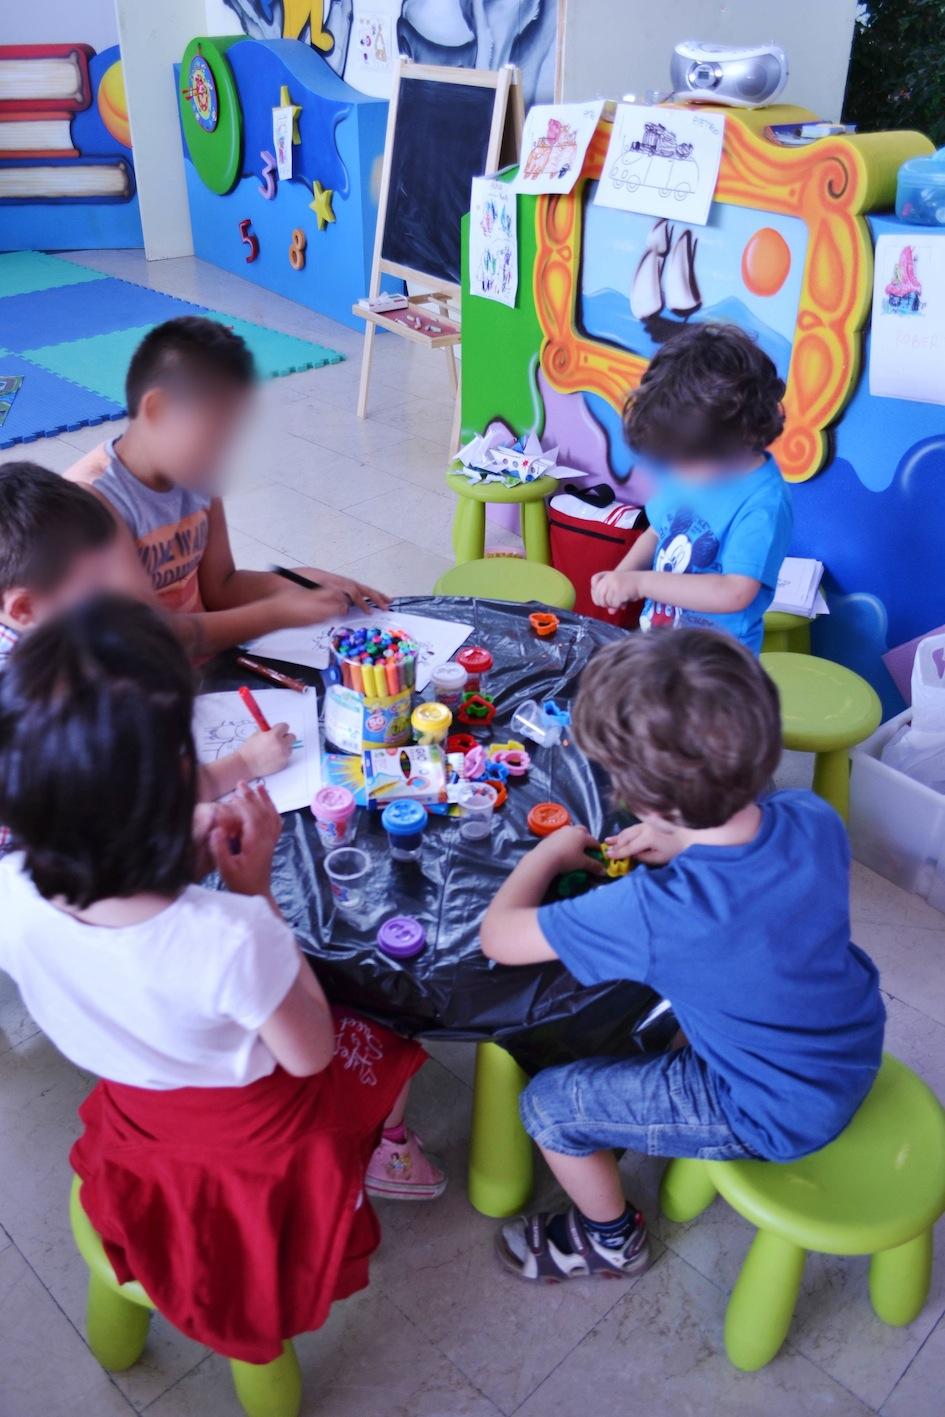 Al CENTRO*Sesto un'area speciale per l'estate dei bambini